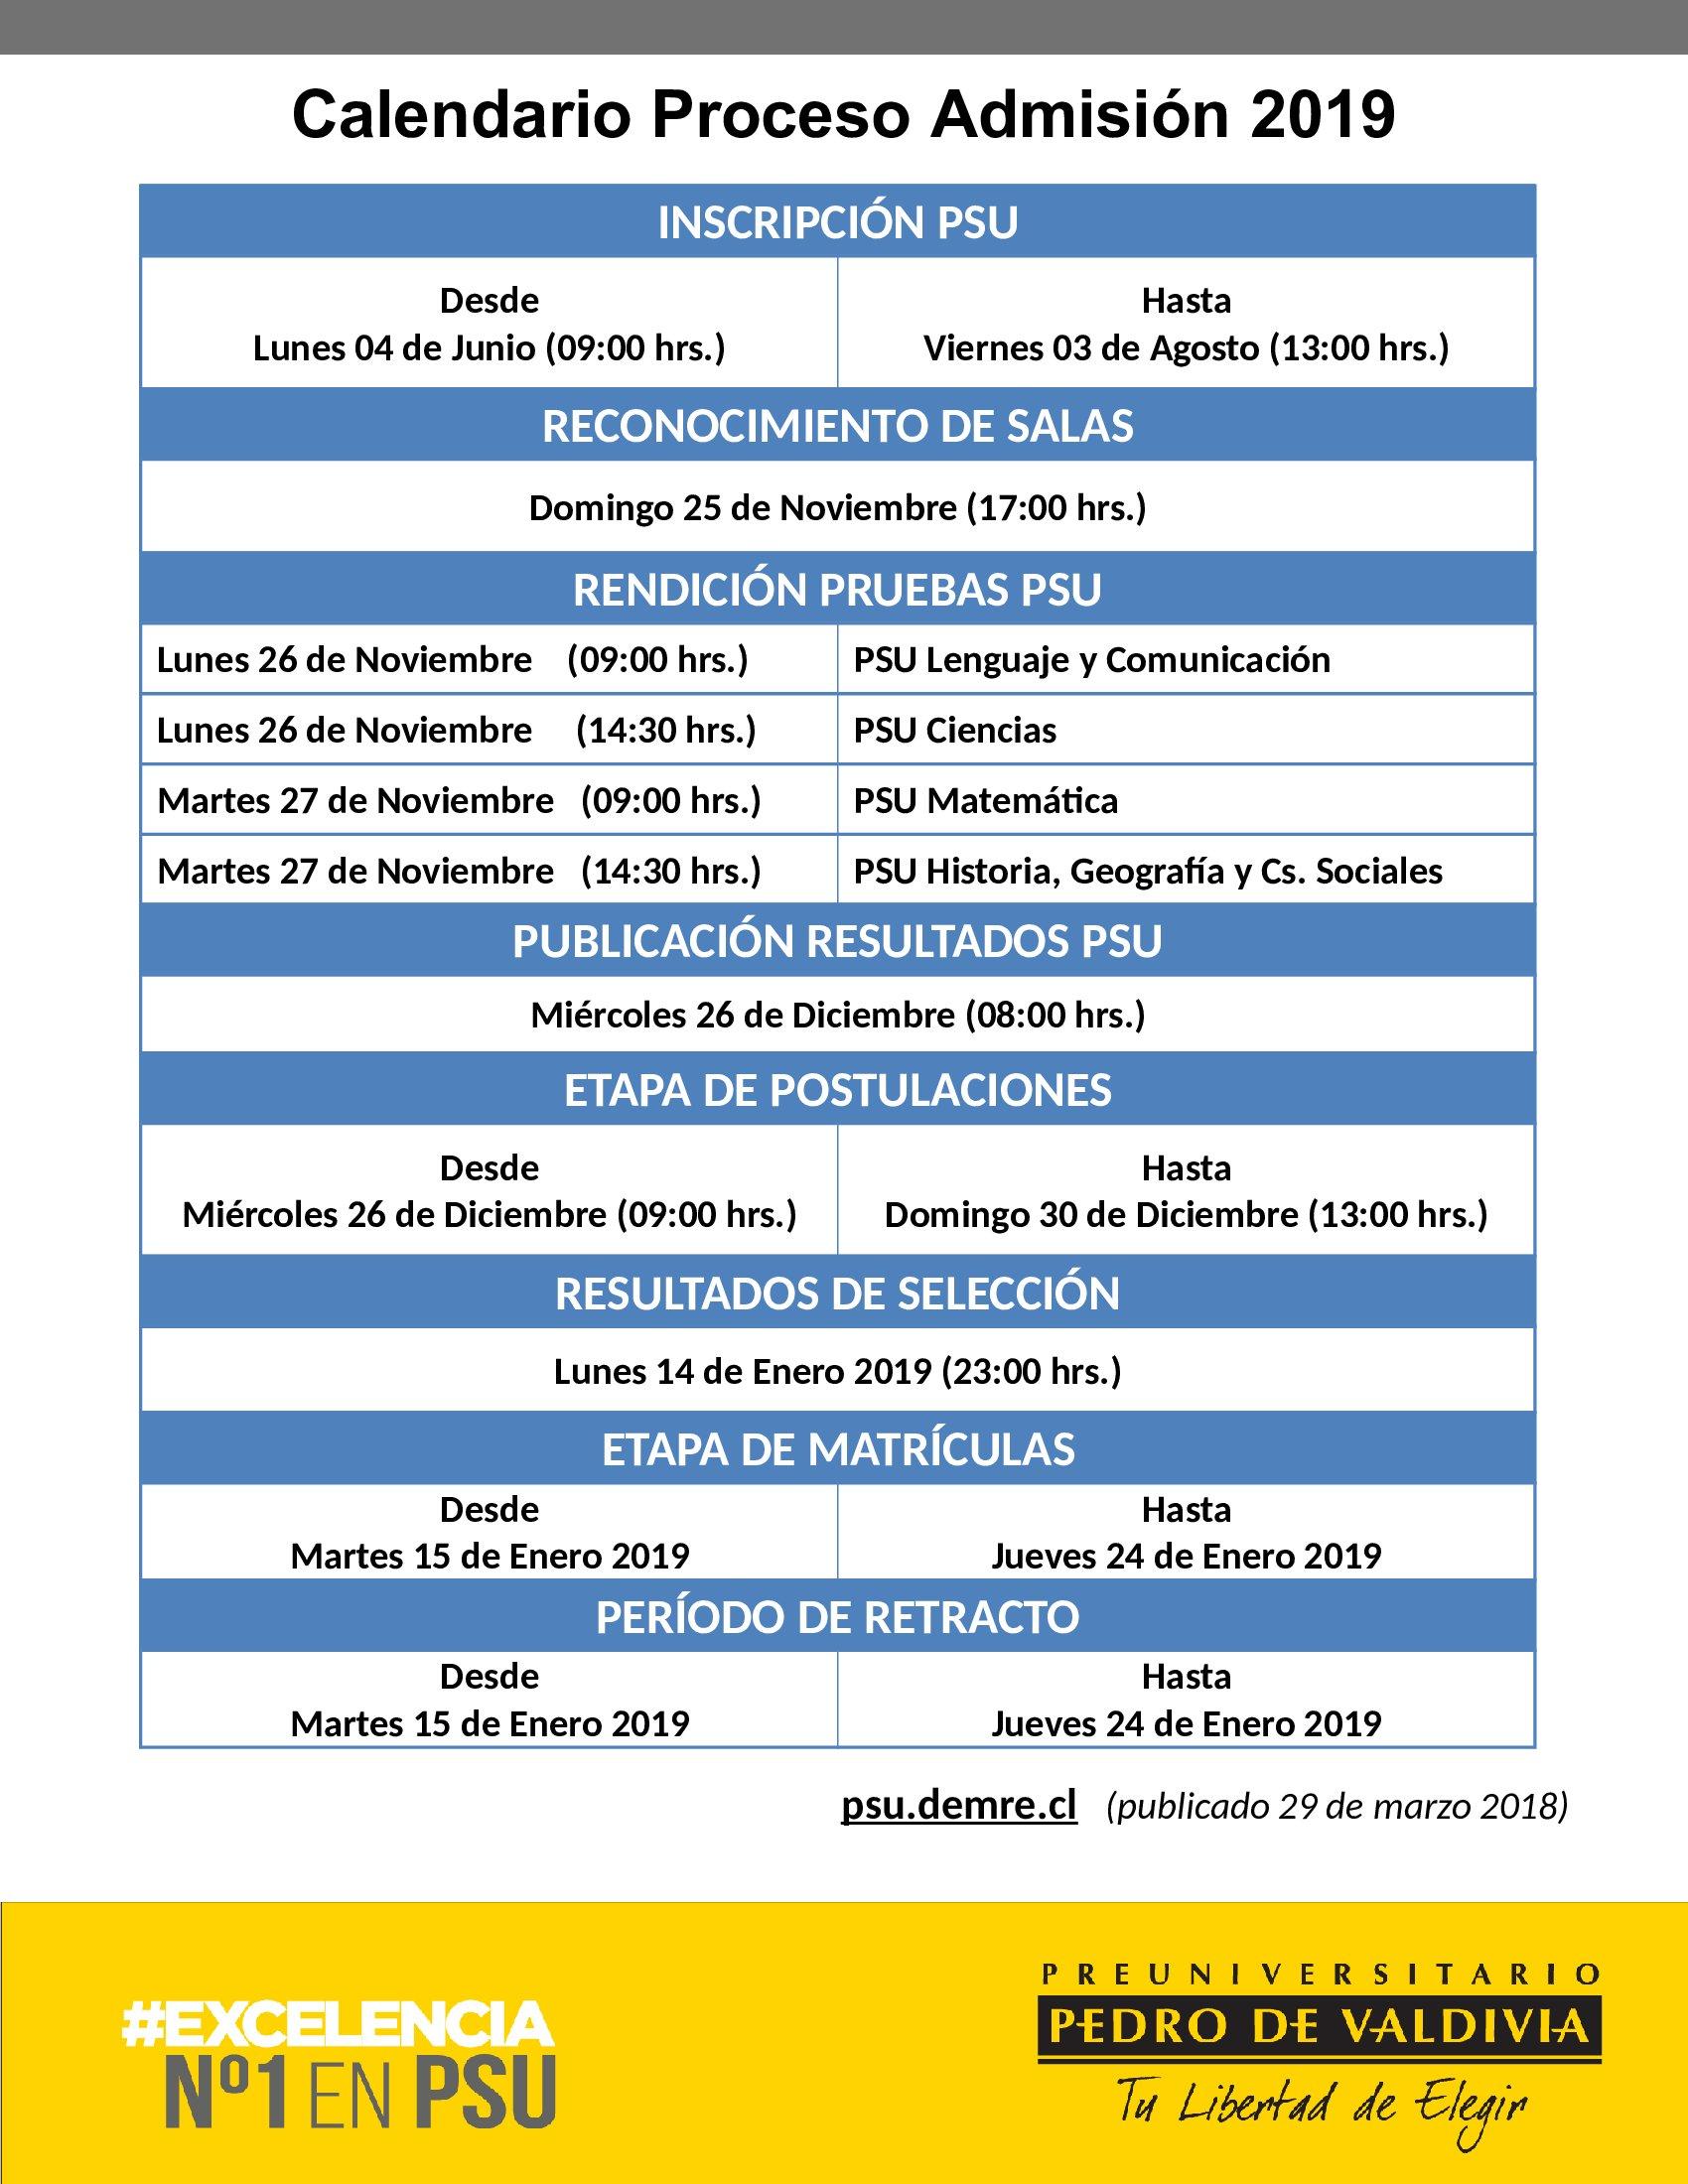 Calendario PSU Admisión 2019